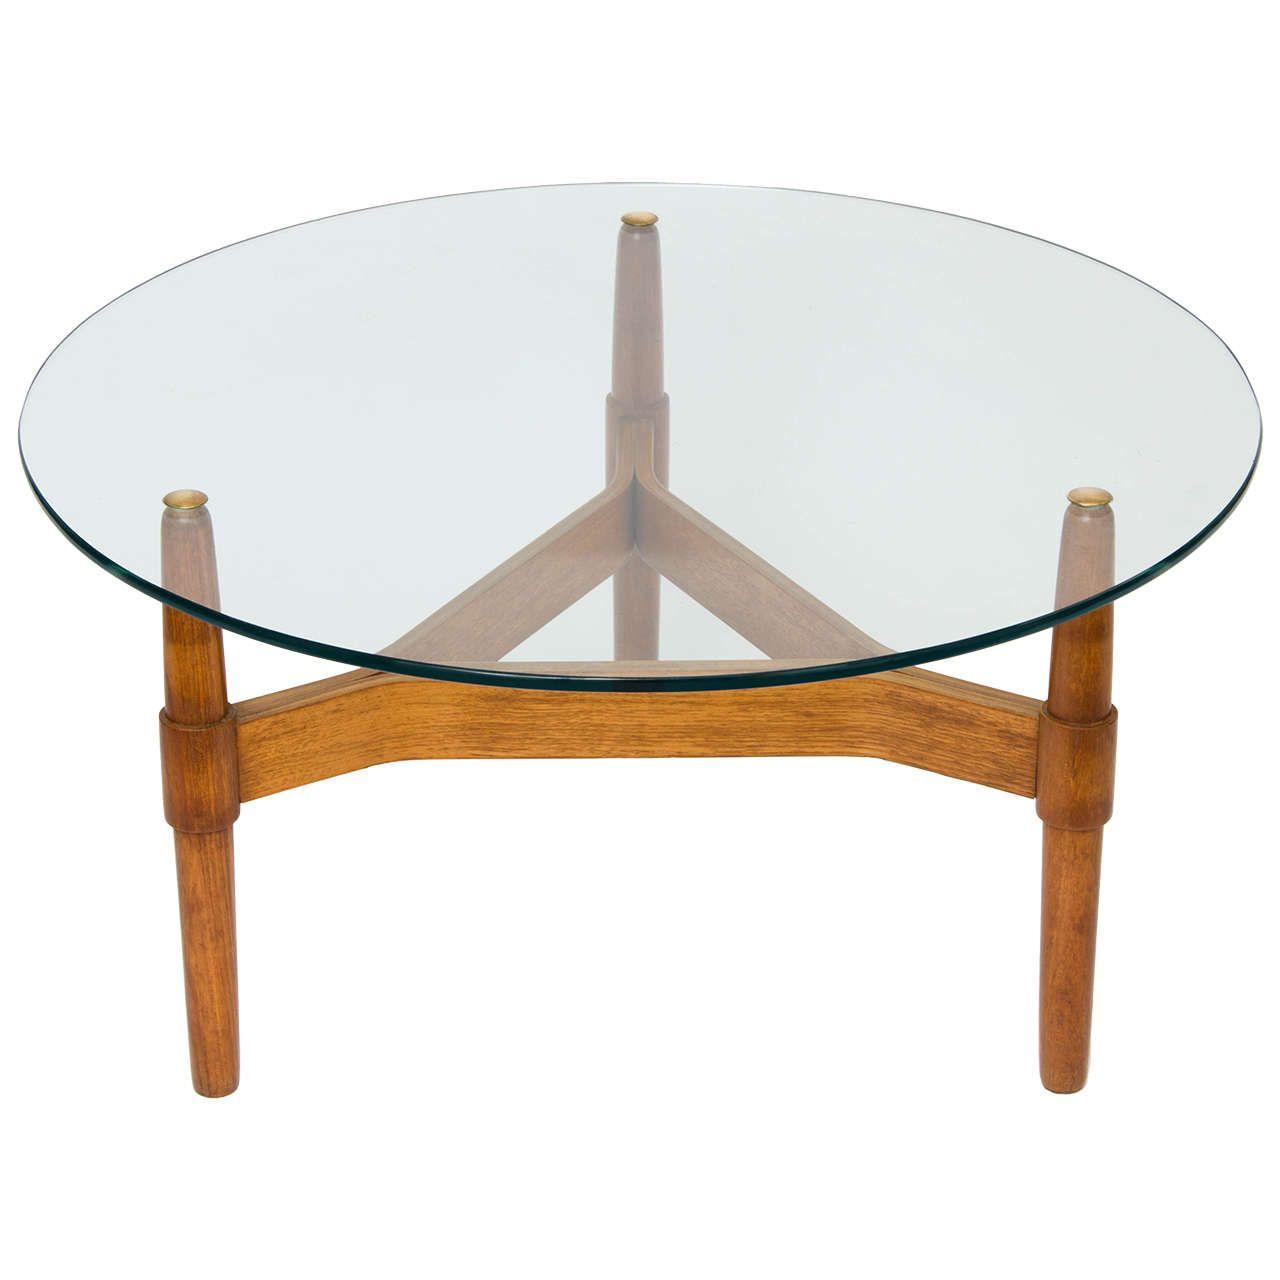 Danish Round Coffee Table 1stdibs Com Coffee Table Round Coffee Table Furniture [ 1280 x 1280 Pixel ]